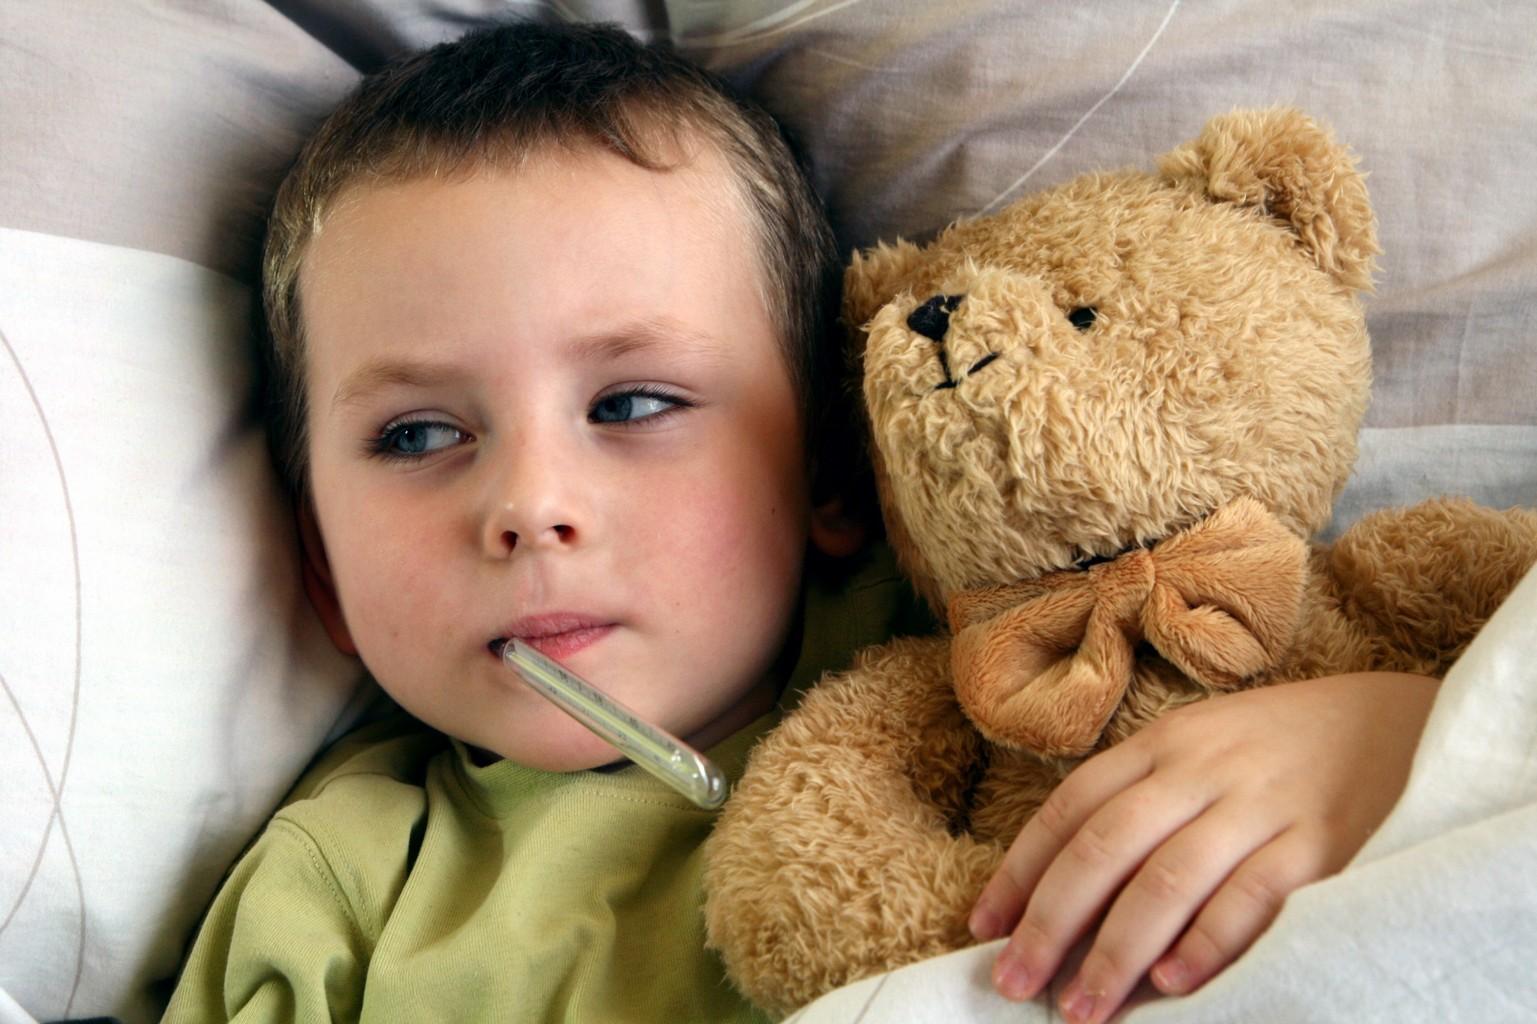 enfant souffrant avec thermomètre dans la bouche et nounours dans les bras